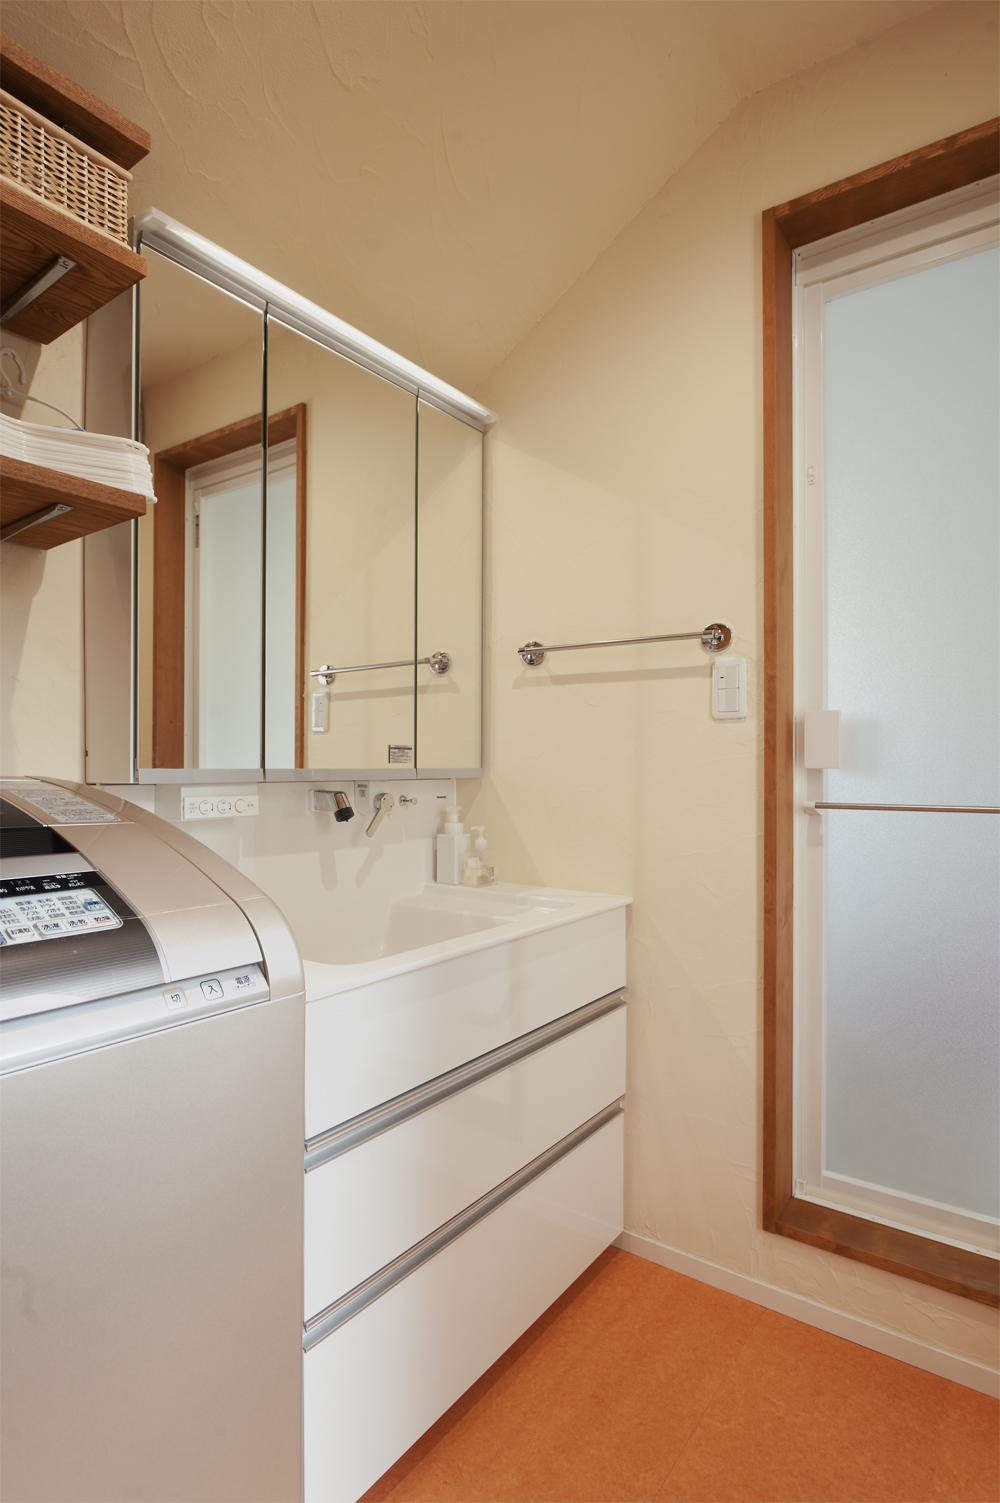 y邸・子ども達のために 自然素材で楽しくリノベーションの写真 洗面所